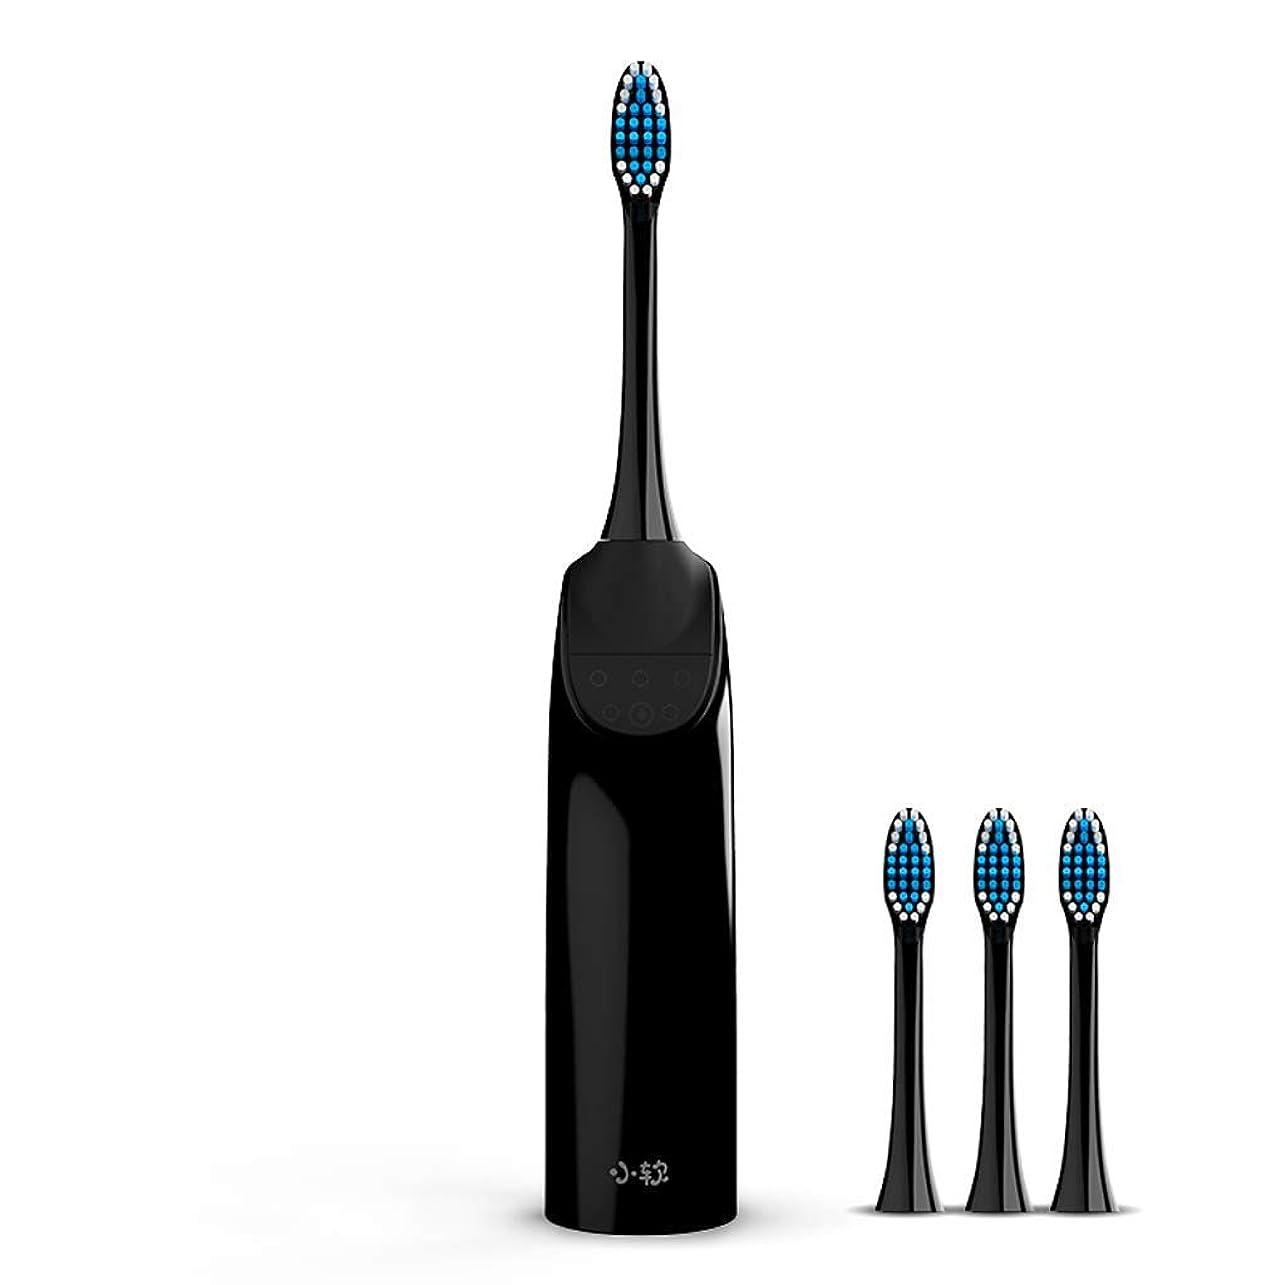 バンク傾く計画電動歯ブラシ大人用充電式ソニック歯ブラシ自動歯ブラシ柔らかい毛人格家庭用歯ブラシ(カラー:ブラック、サイズ:4本のブラシヘッド)